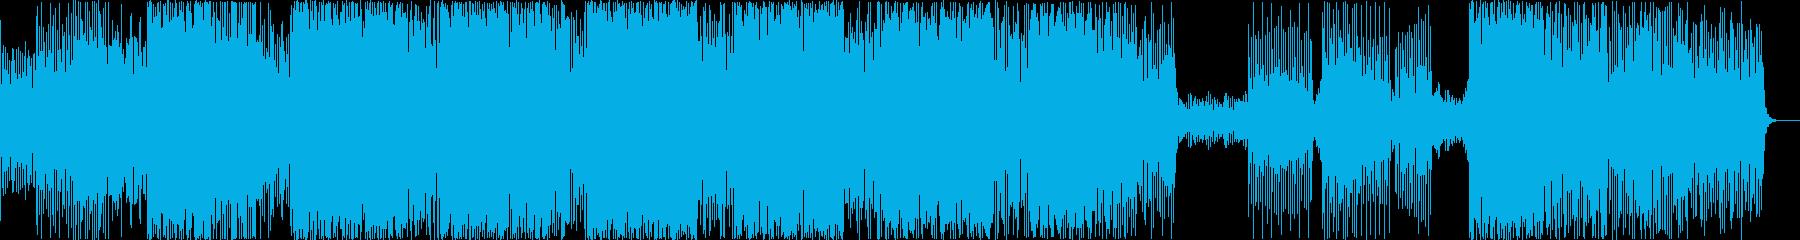 80年代のサウンド、ボーカル、の再生済みの波形